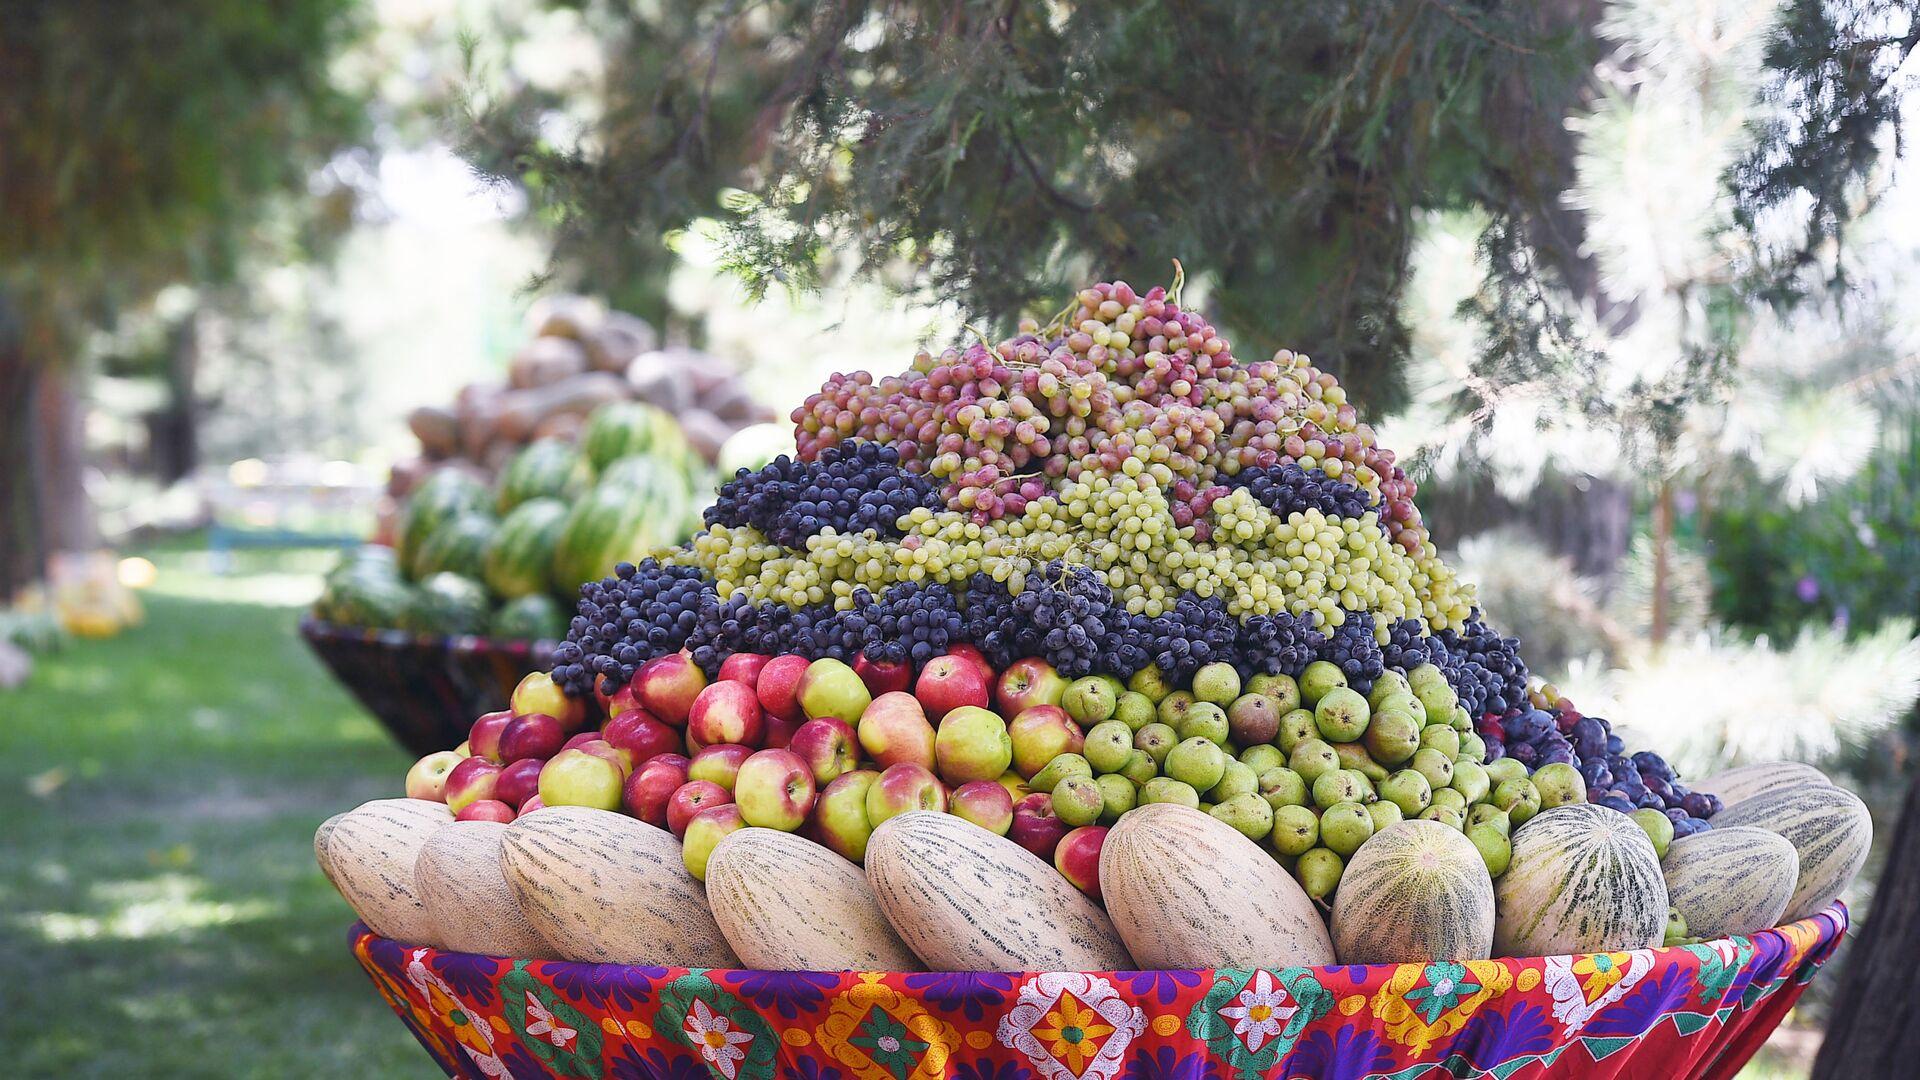 Таджикские фрукты в Декхане - Sputnik Таджикистан, 1920, 24.08.2021